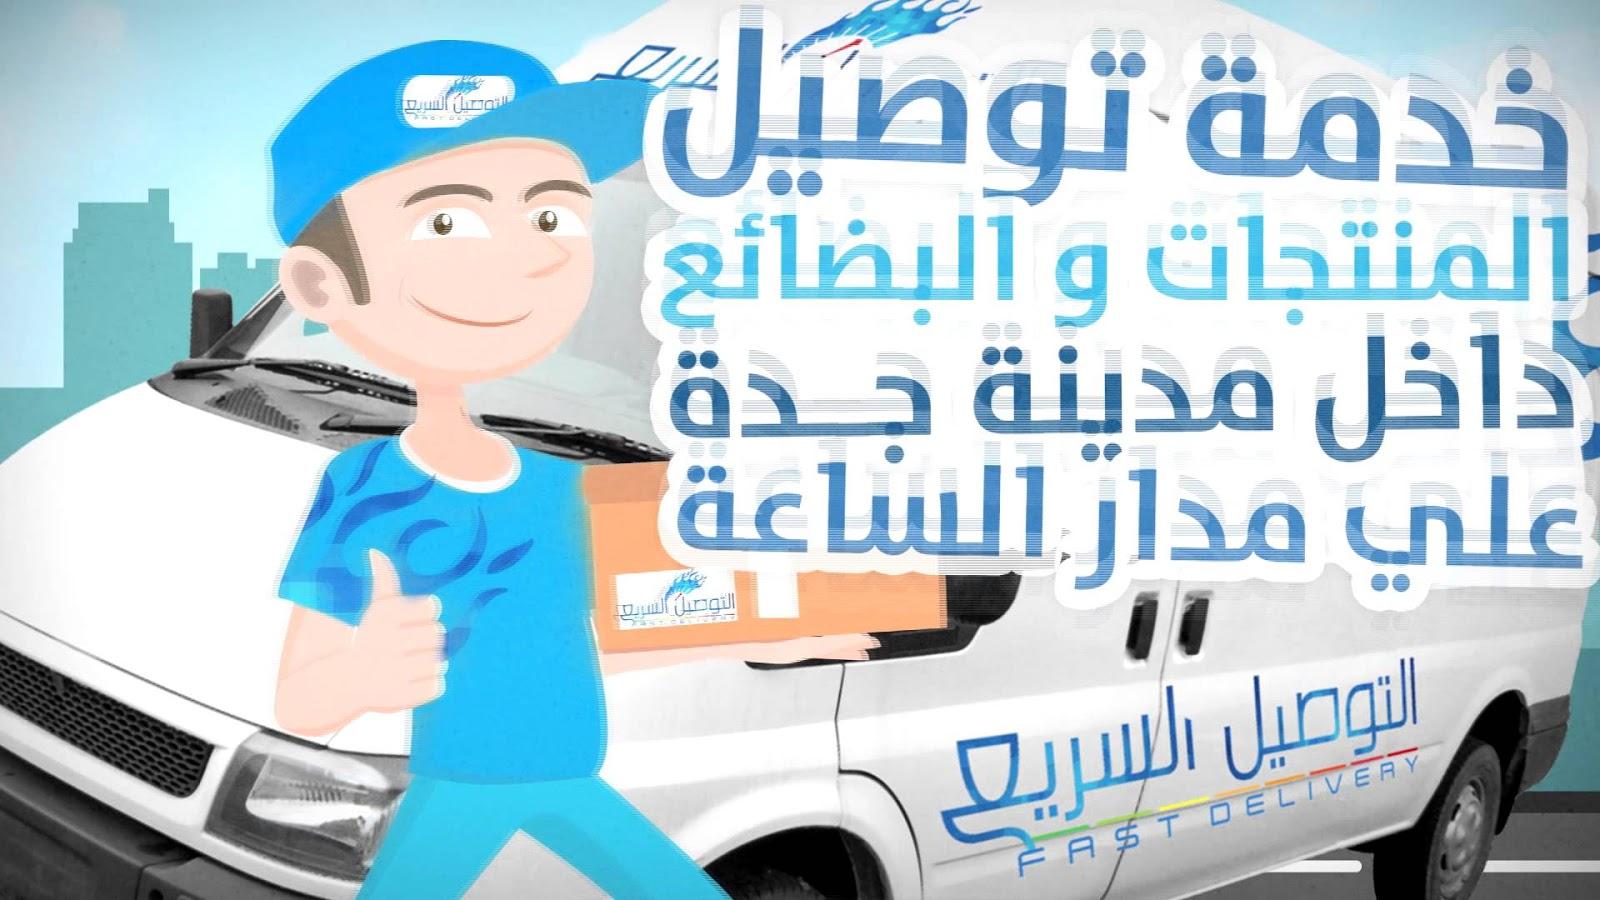 بالصور توصيل الطلبات للمنازل بالرياض , التقدم في الرياض من اجل توصيل الطلبات للمنازل 11693 3